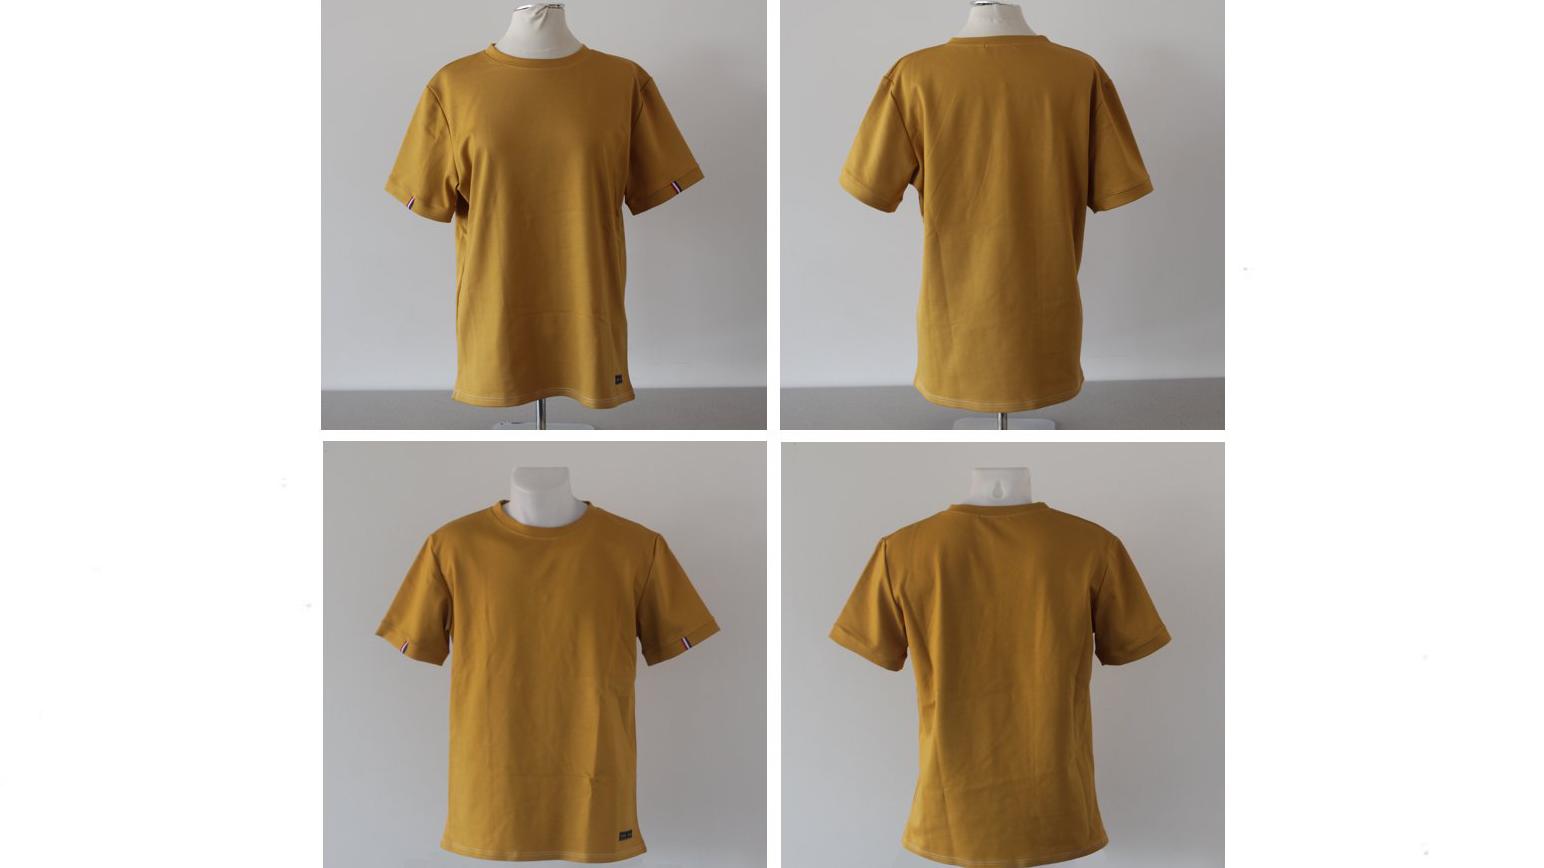 t-shirt_moutarde_sur_mannequin-1523100765.jpeg